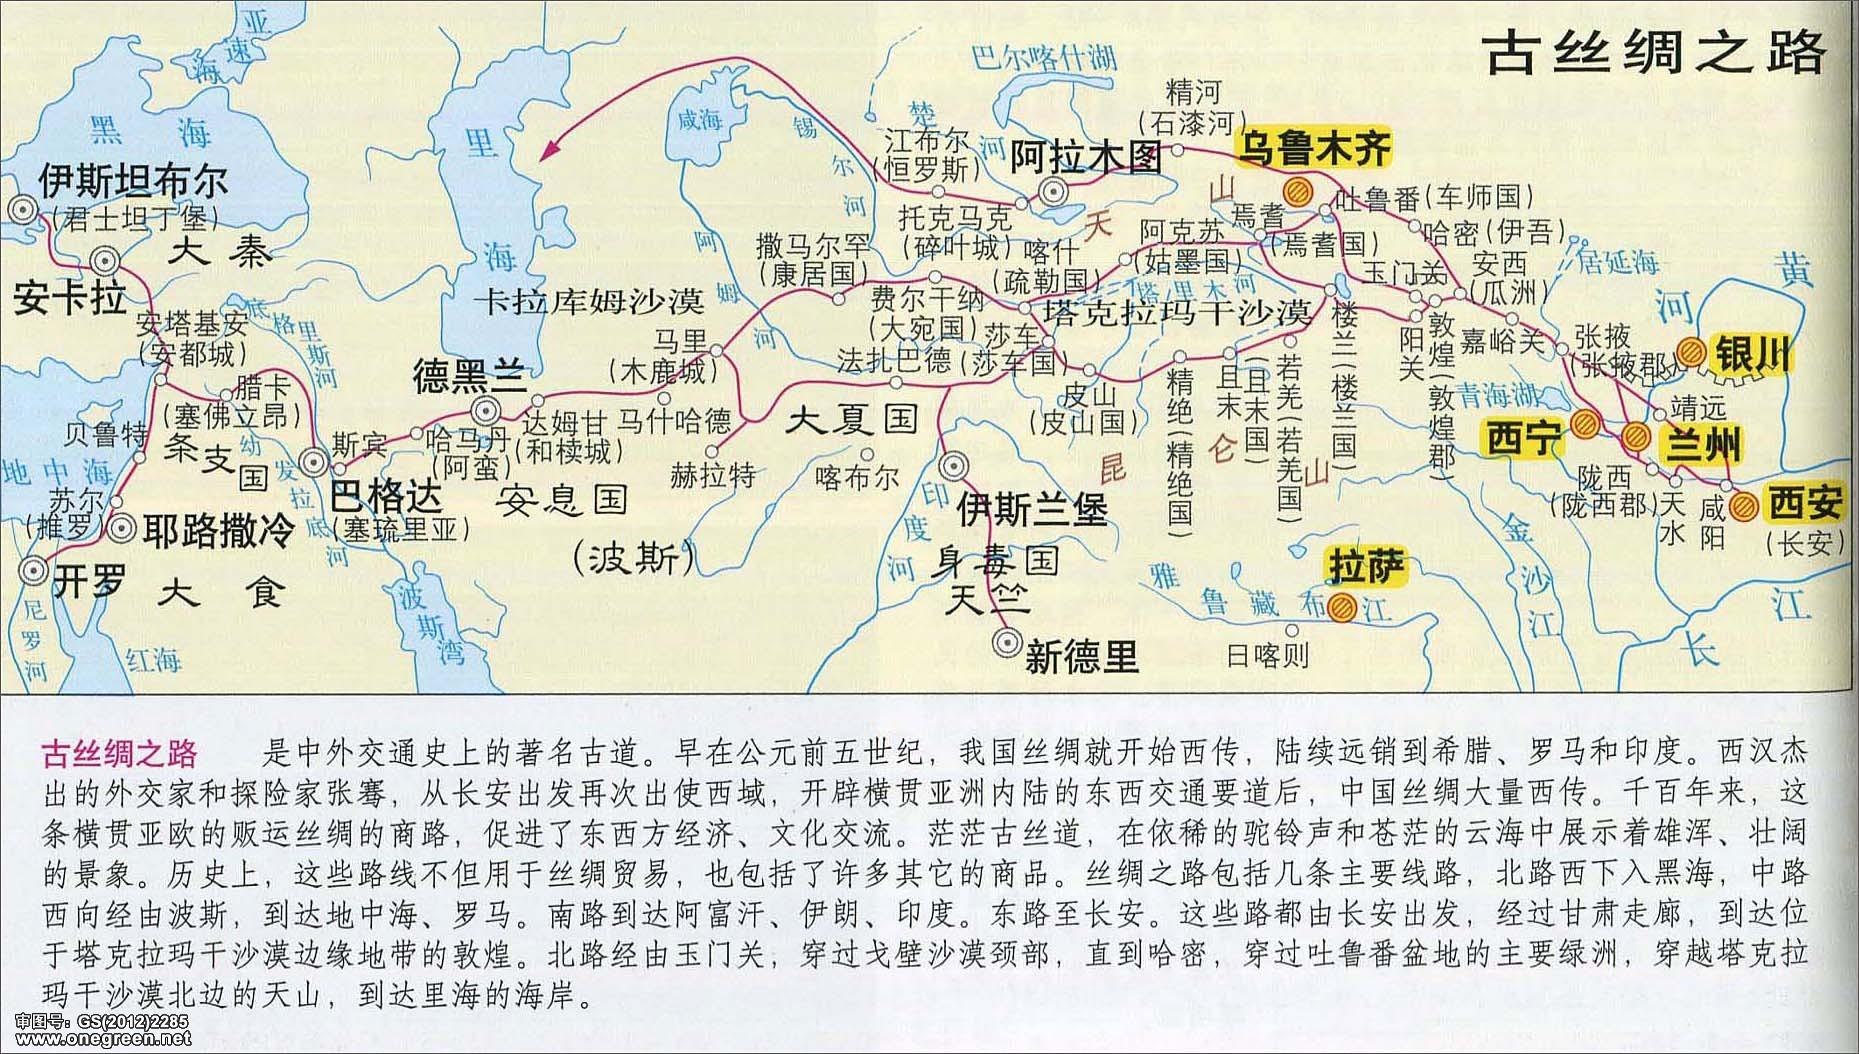 浙江旅游地图_中国丝绸之路路线图_地图窝